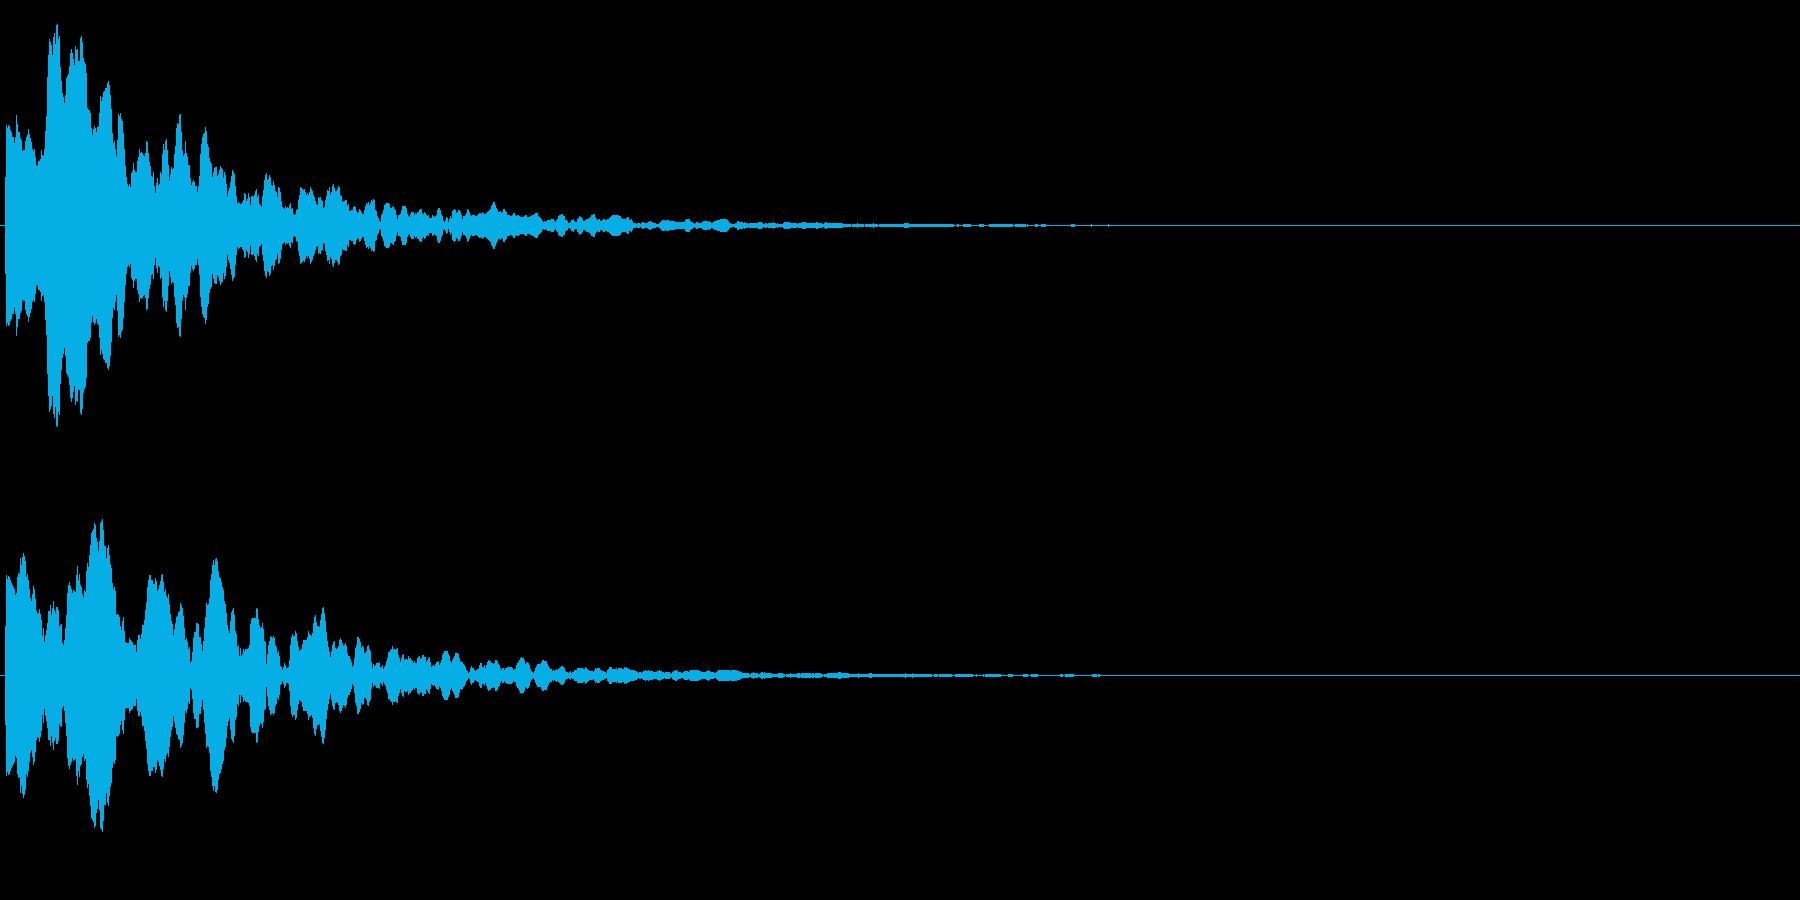 ゲームスタート、決定、ボタン音-145の再生済みの波形